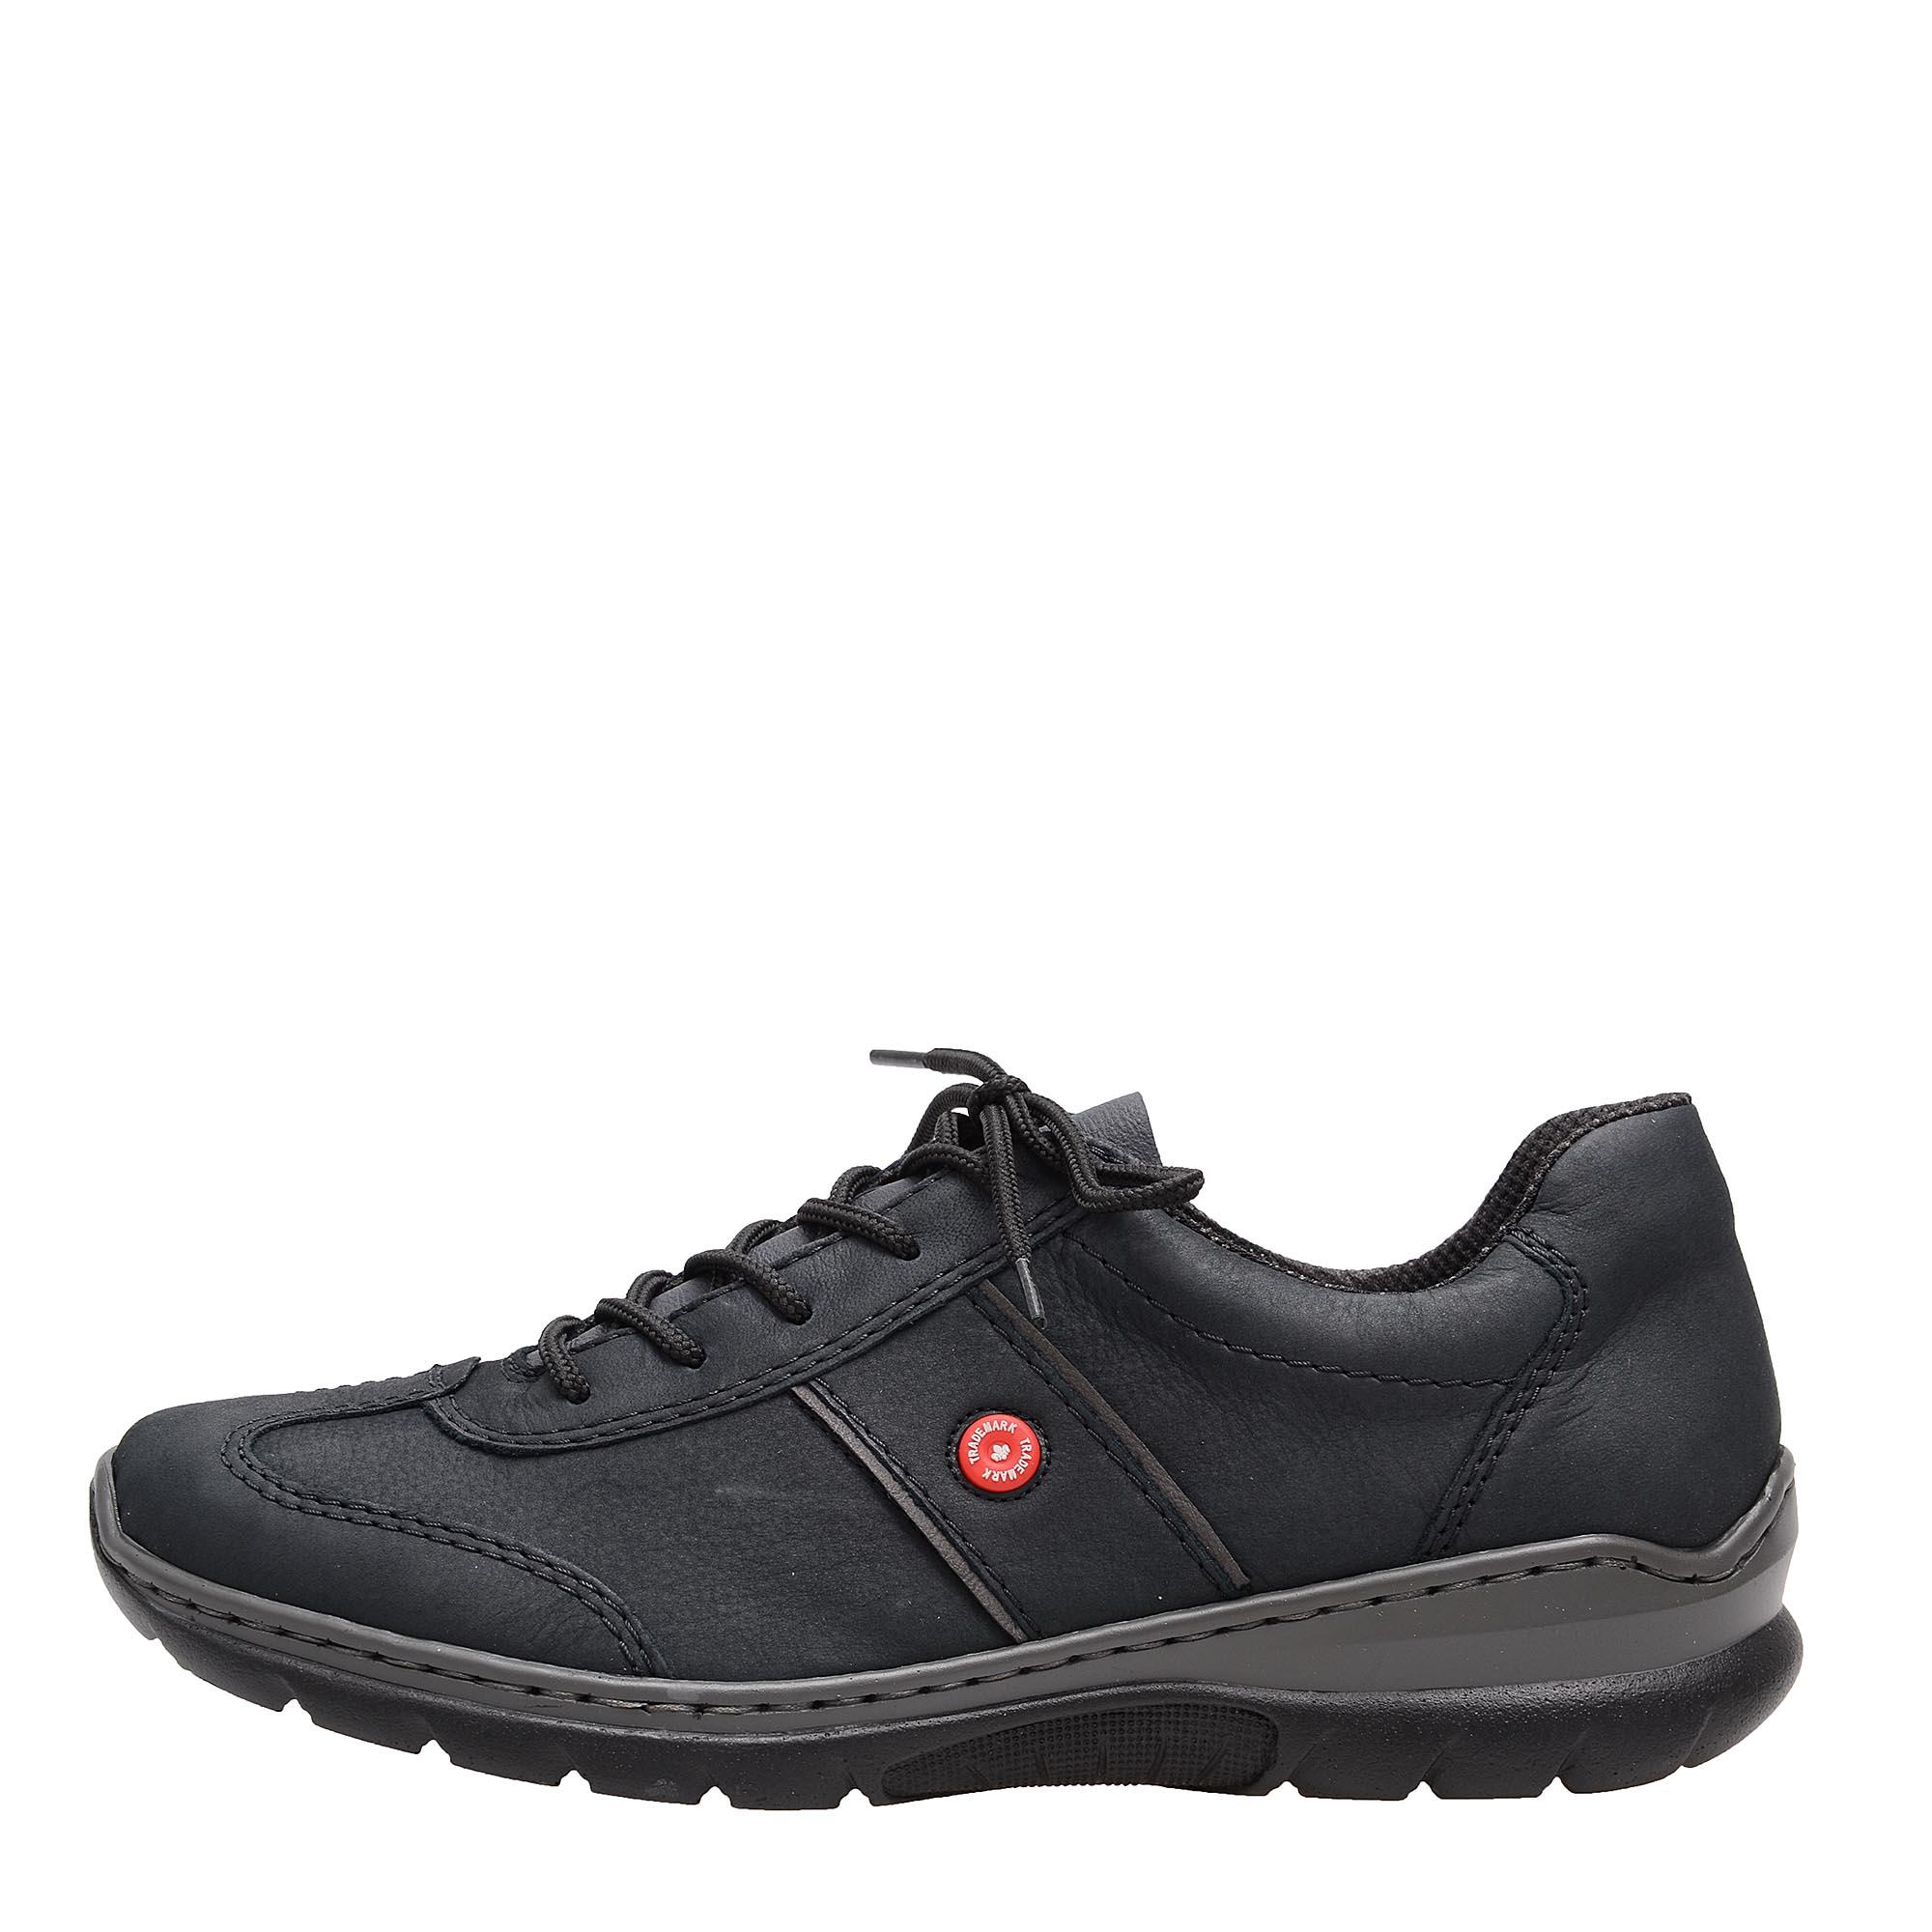 detail Dámská obuv RIEKER L3220 14 BLAU H W 7 a8be1dc821